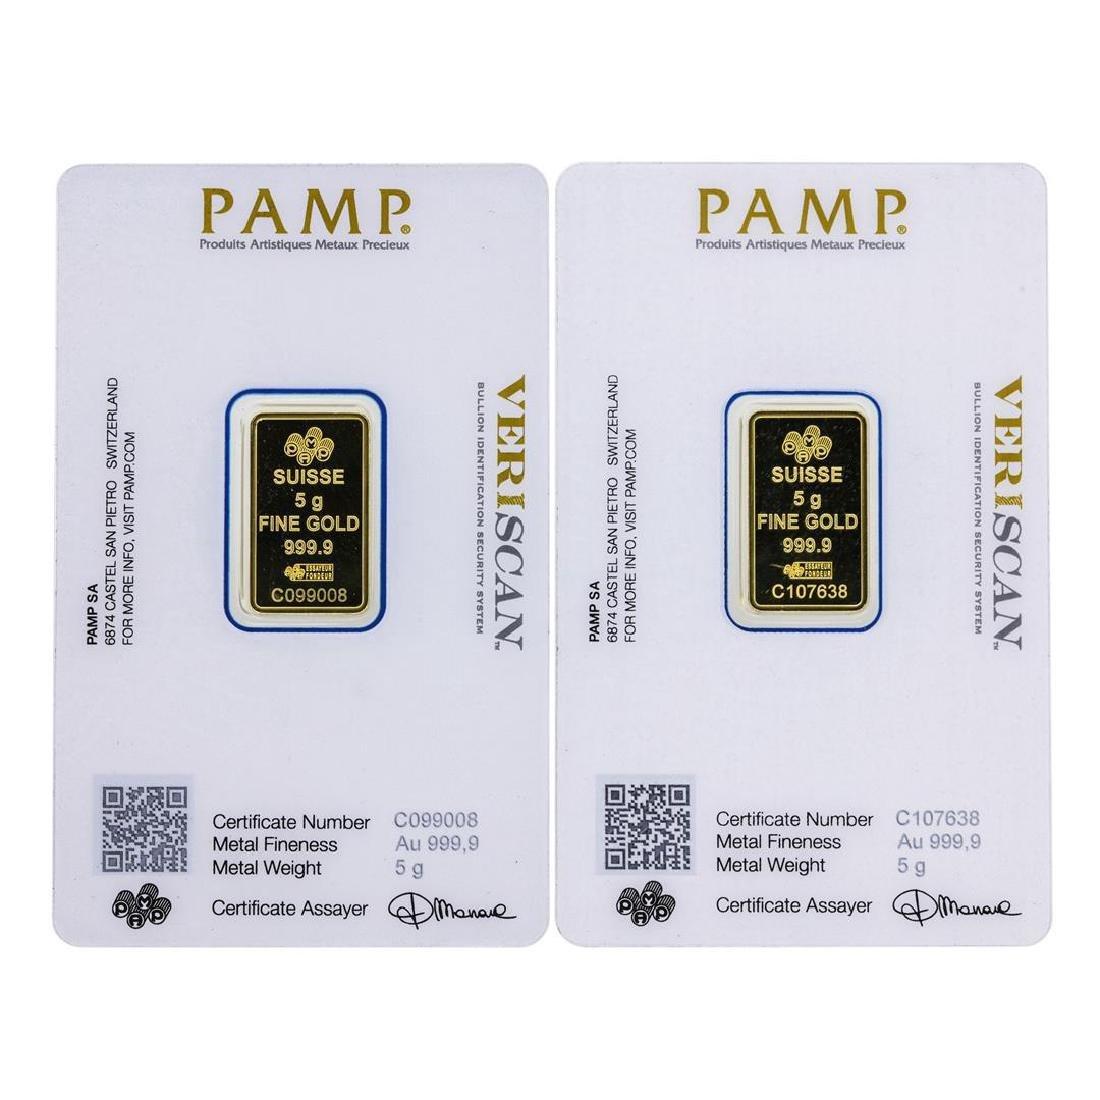 Lot of (2) 5 gram .9999 PAMP Suisse Fine Gold Ingot - 2